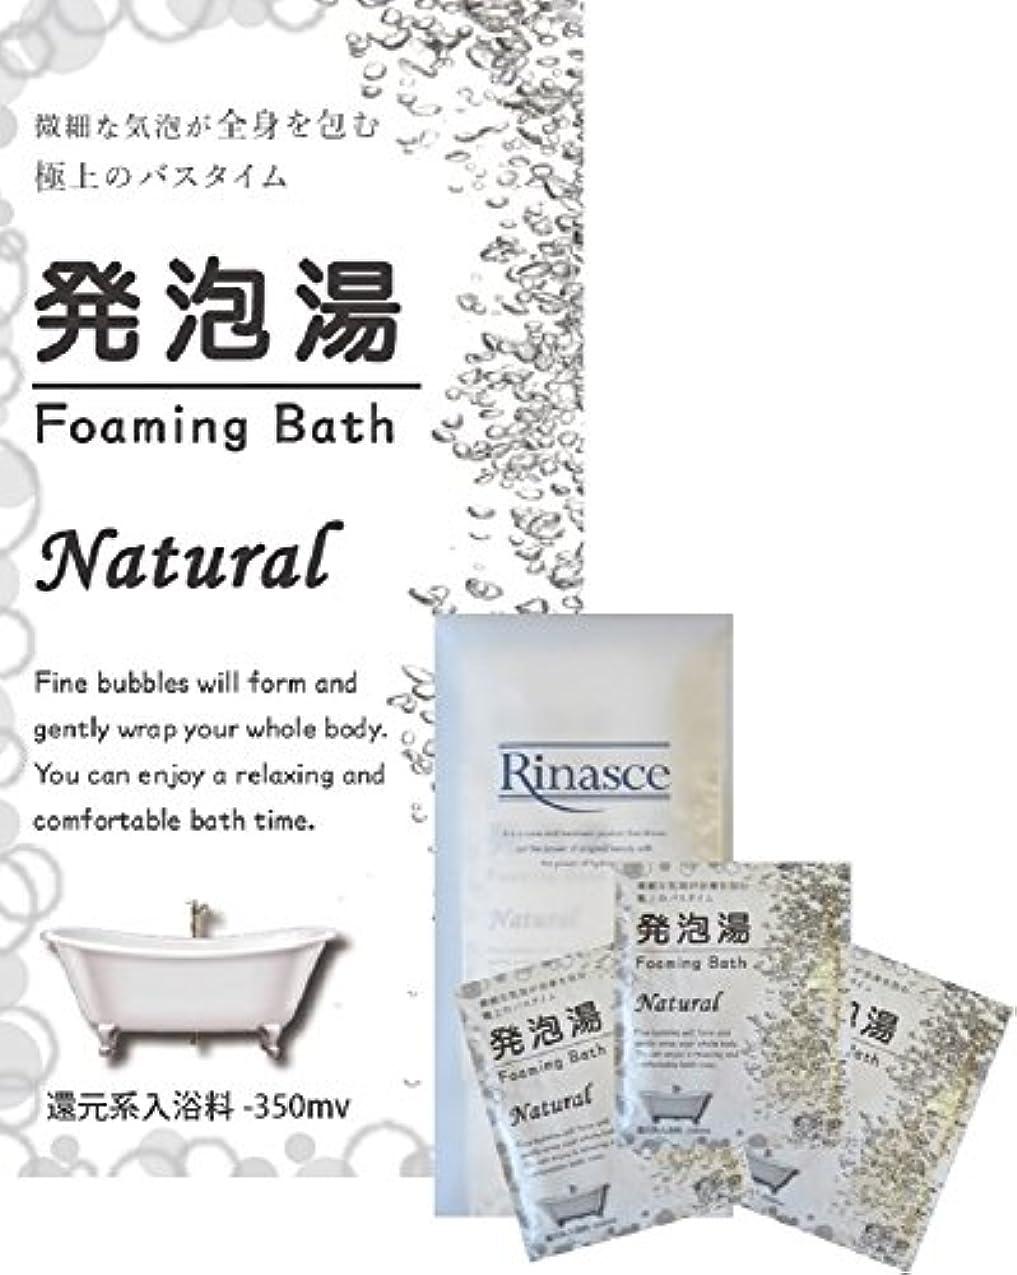 肉屋チップ斧【ゆうメール対象】発泡湯(はっぽうとう) Foaming Bath Natural ナチュラル 40g 3包セット/微細な気泡が全身を包む極上のバスタイム